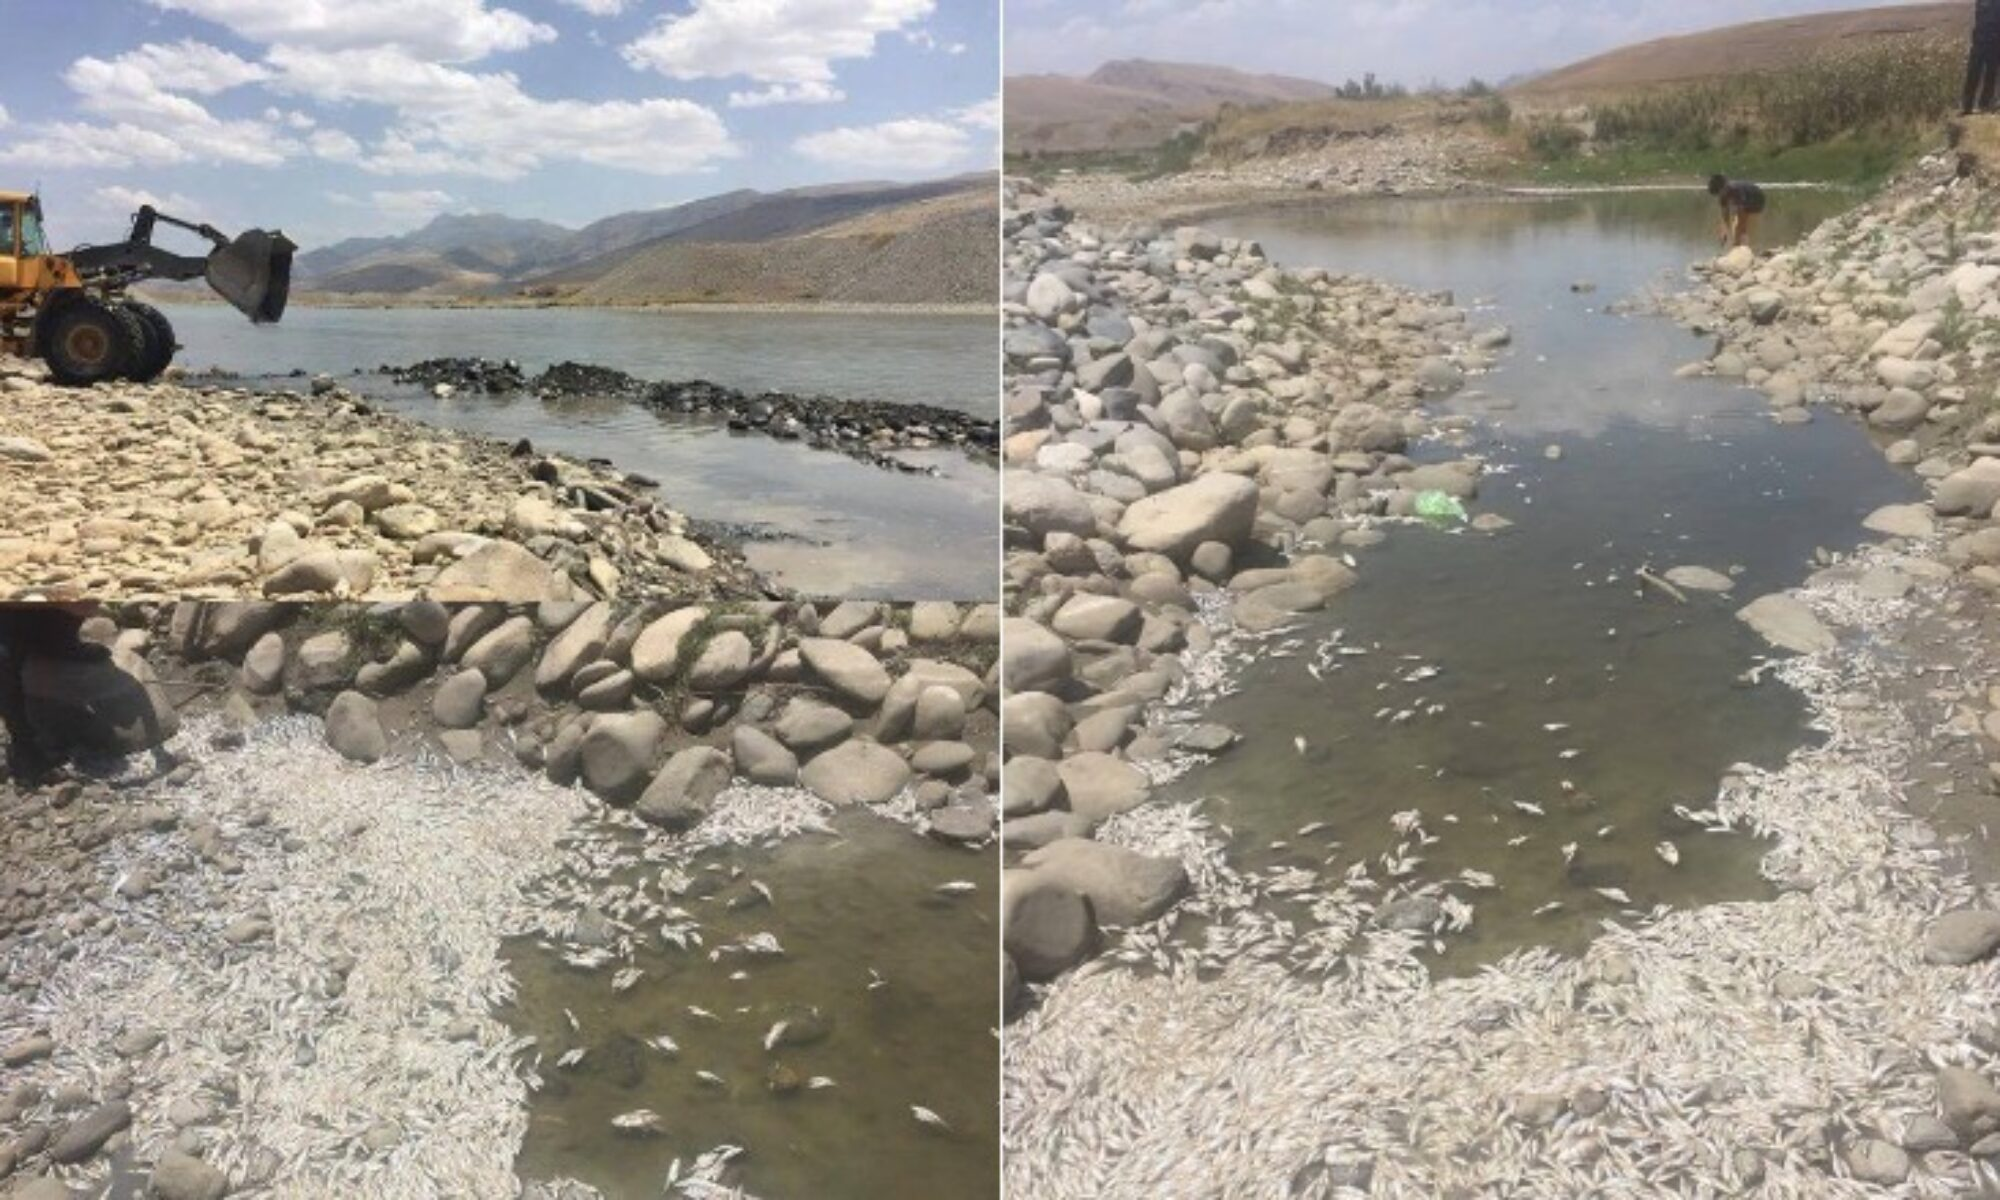 Sömürgeci siyasetin Kürdistan doğasını tahrip siyasetinin sonucu: Milyonlarca balık ölüyor